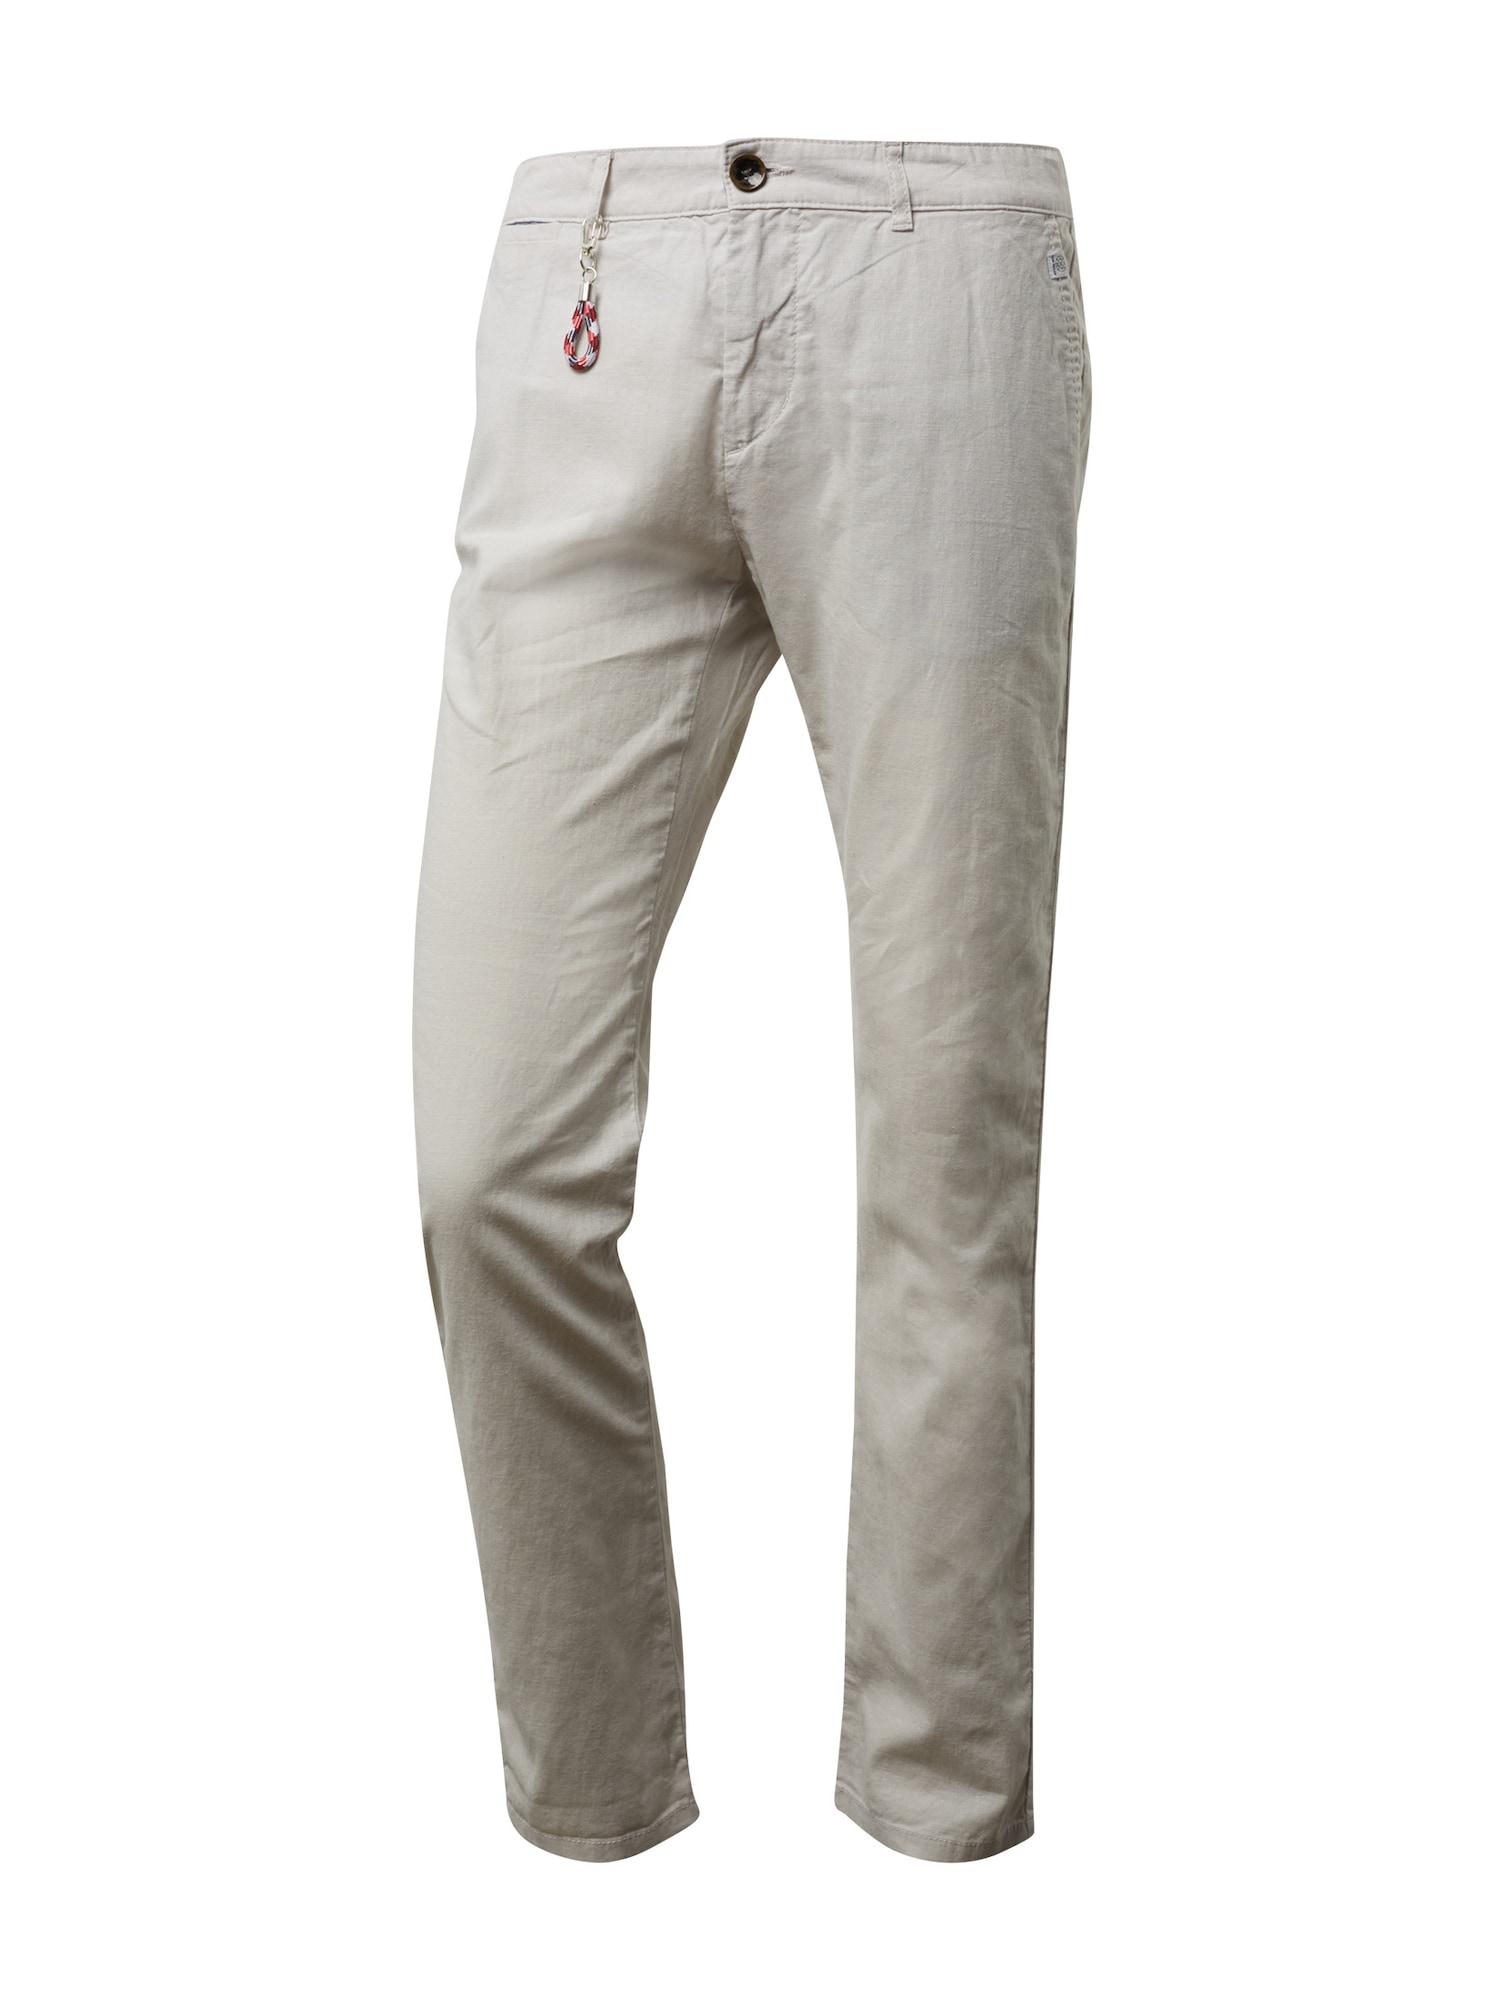 Chino kalhoty Travis světle šedá TOM TAILOR